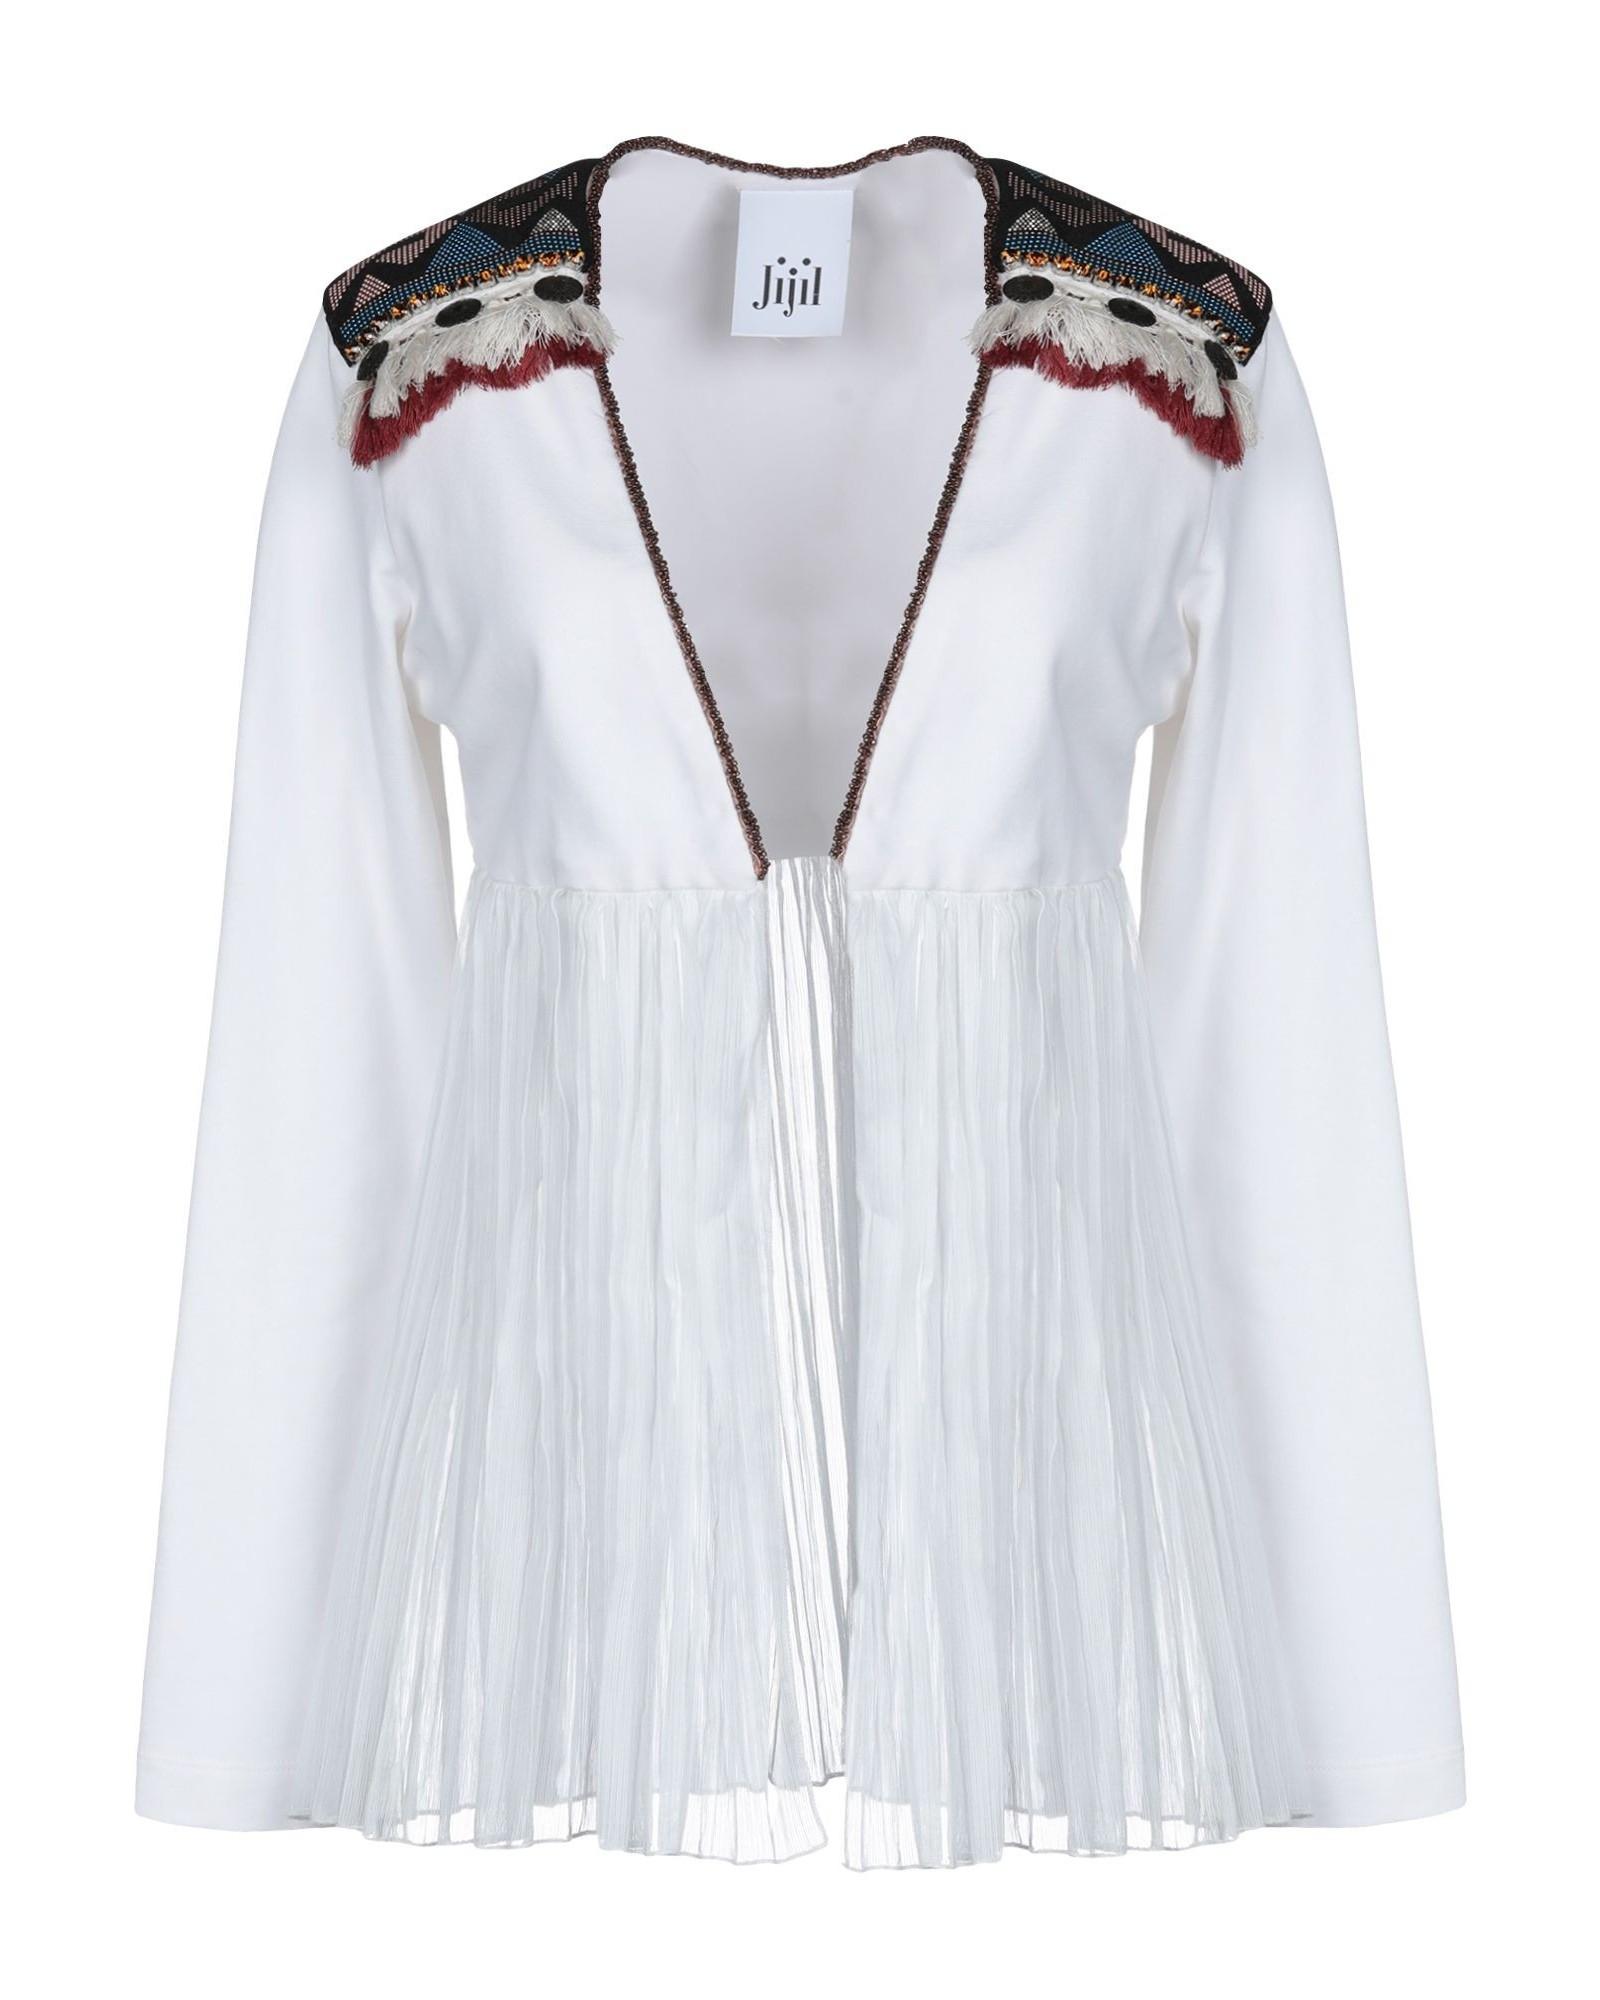 Gilet blanc à empiècement mousseline drapé & broderies ethniques Jijil